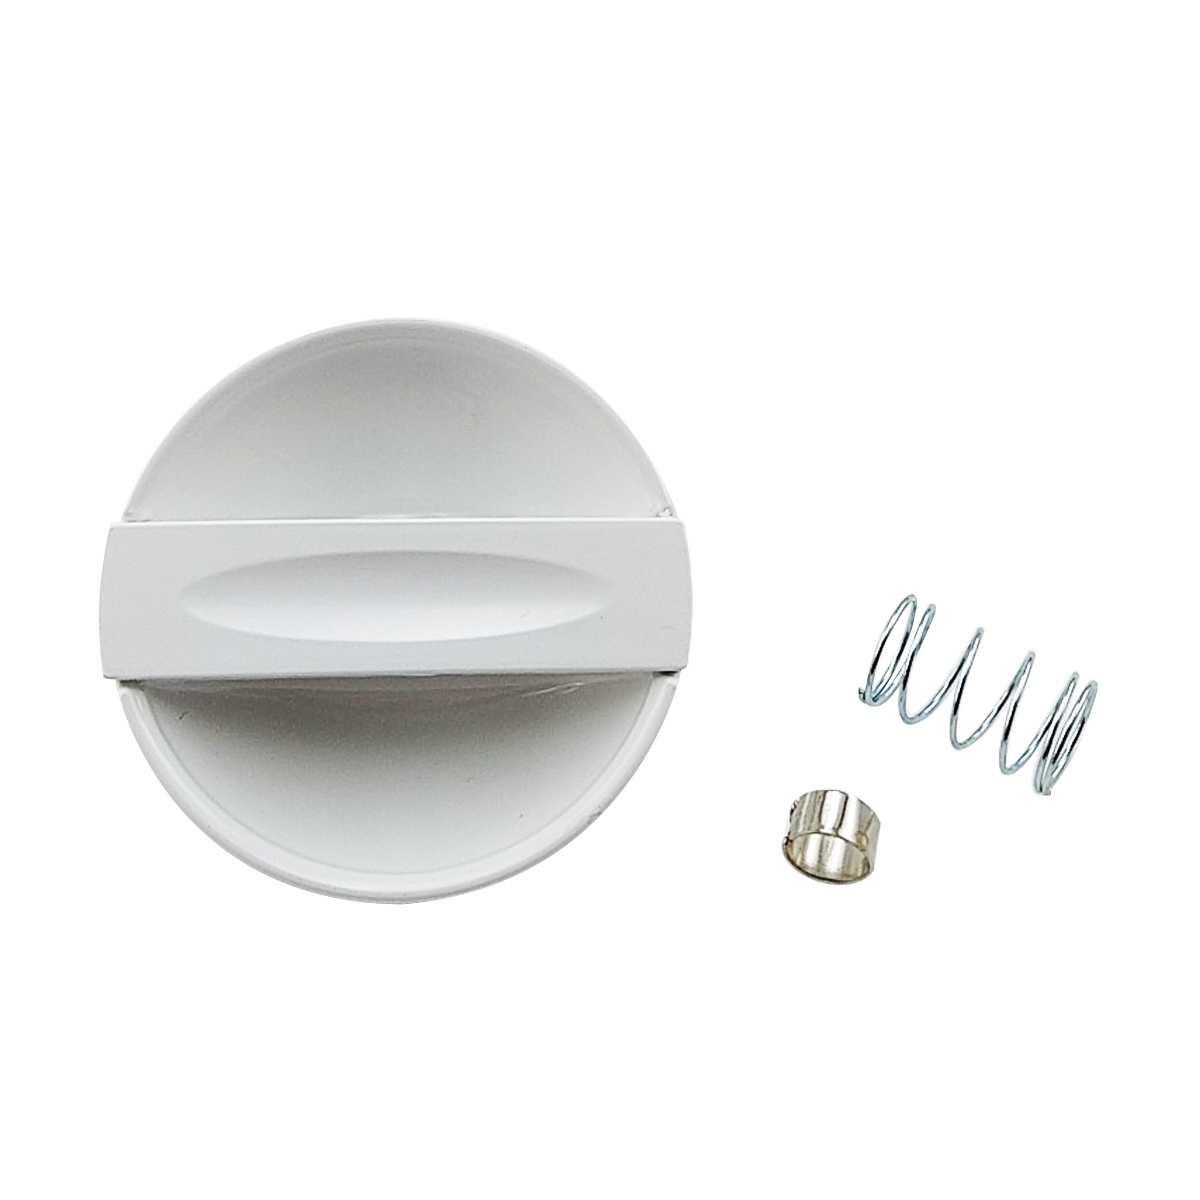 Botão da lavadora de roupas Electrolux L8, Top8 67490240